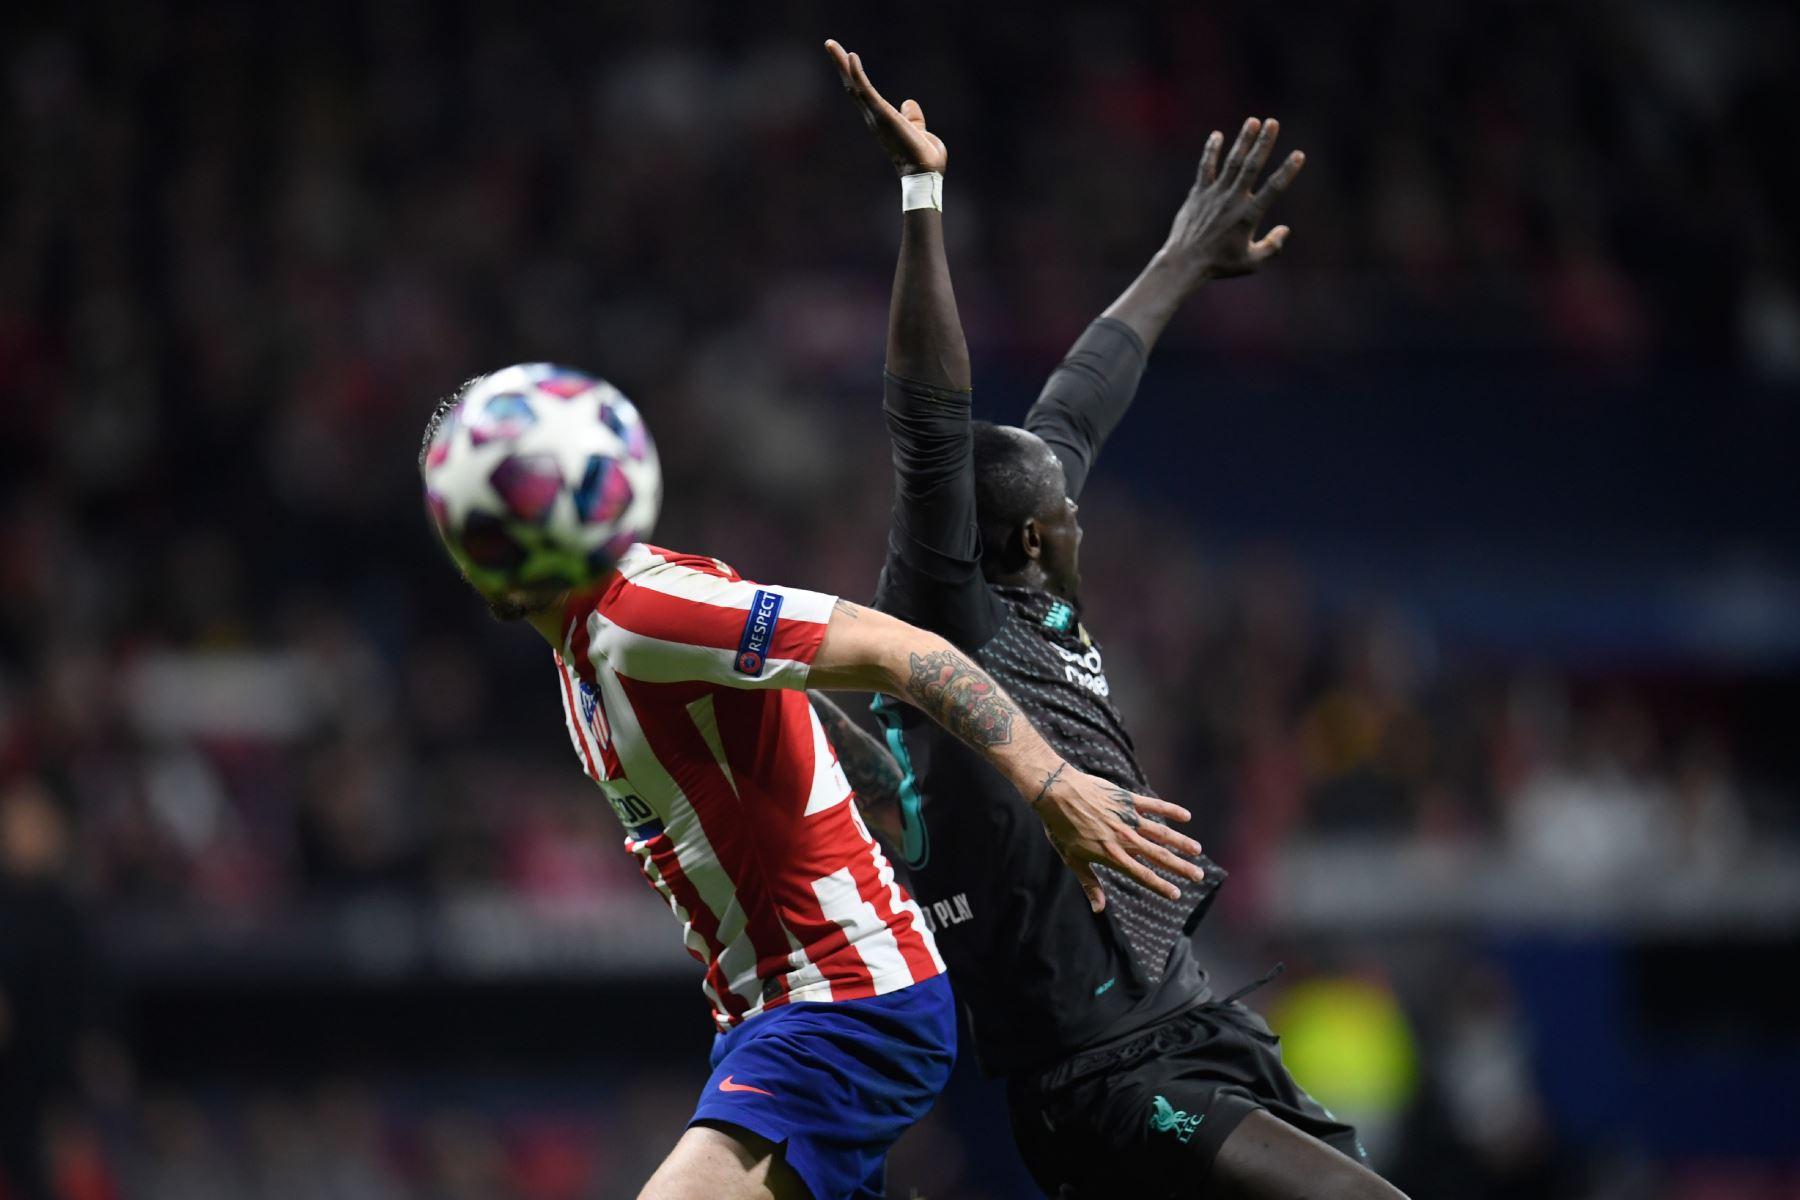 El delantero senegalés del Liverpool Sadio Mane (R) desafía al defensor croata del Atlético de Madrid Sime Vrsaljko durante la Liga de Campeones de la UEFA, octavos de final.Foto:AFP